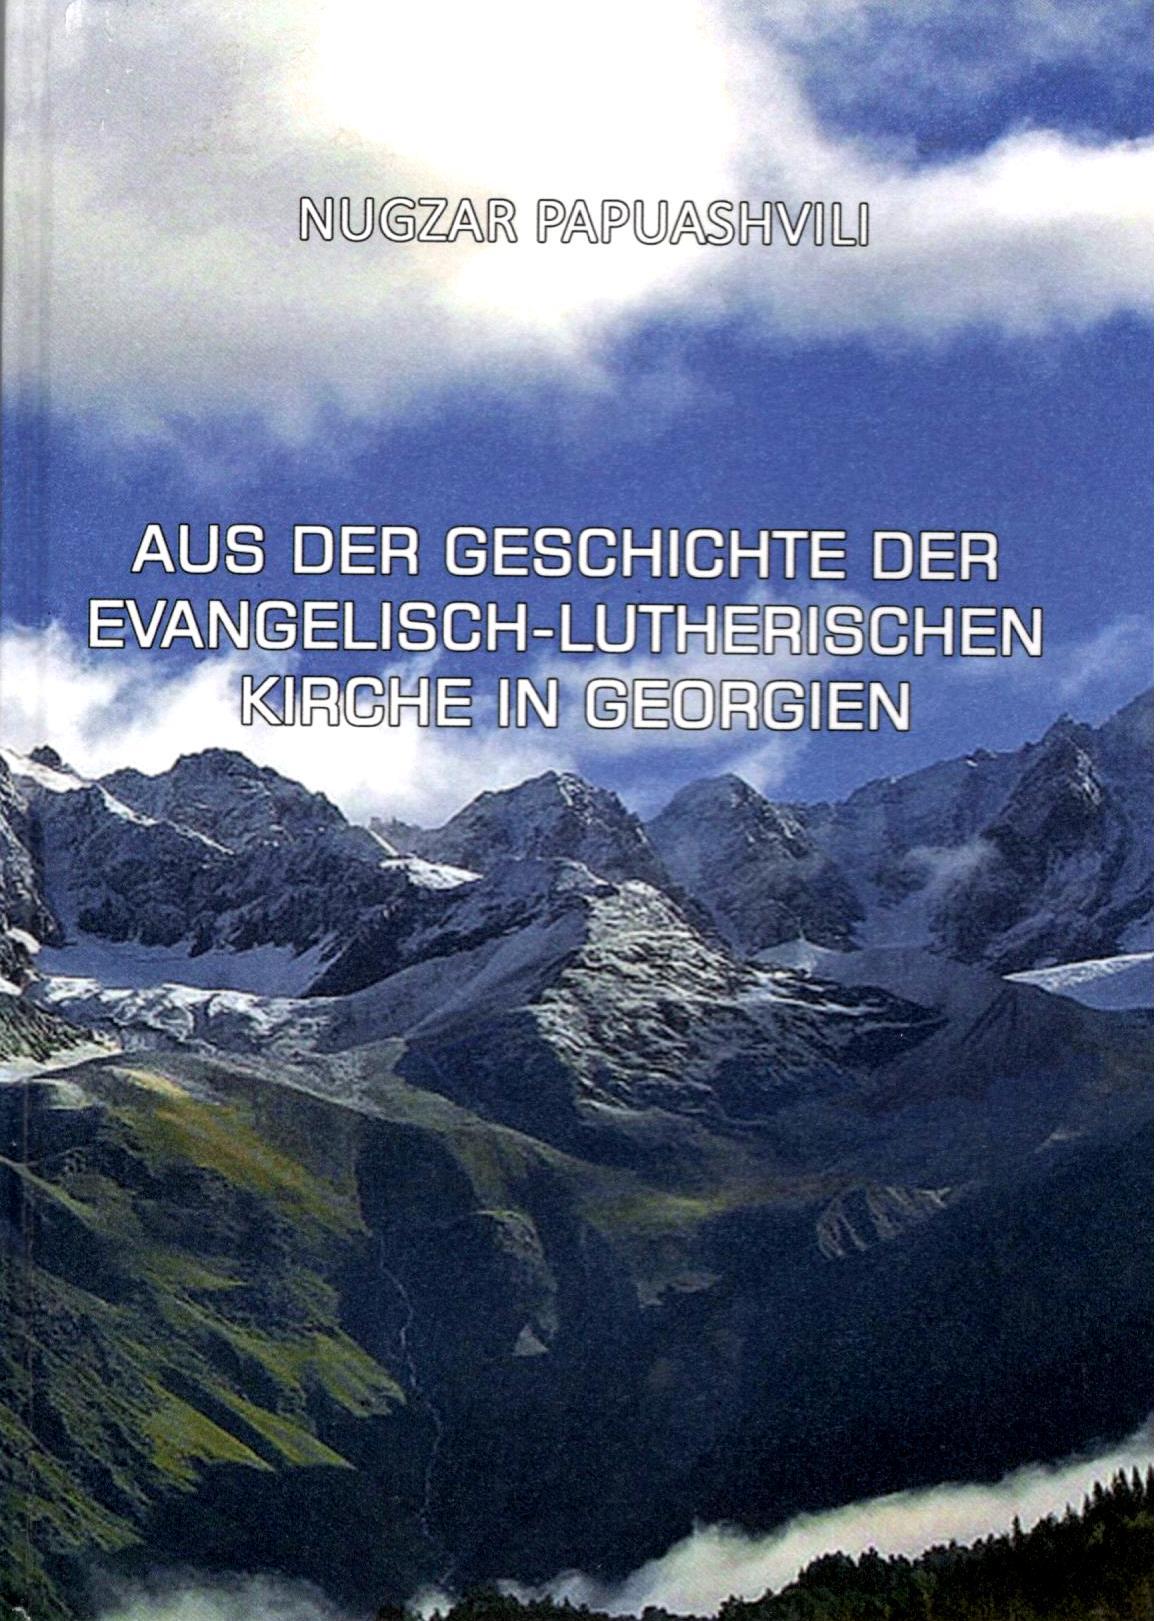 Nugzar Papuashvili -  Aus Der Geschichte Der Evangelisch-Lutherischen Kirche In Georgien.